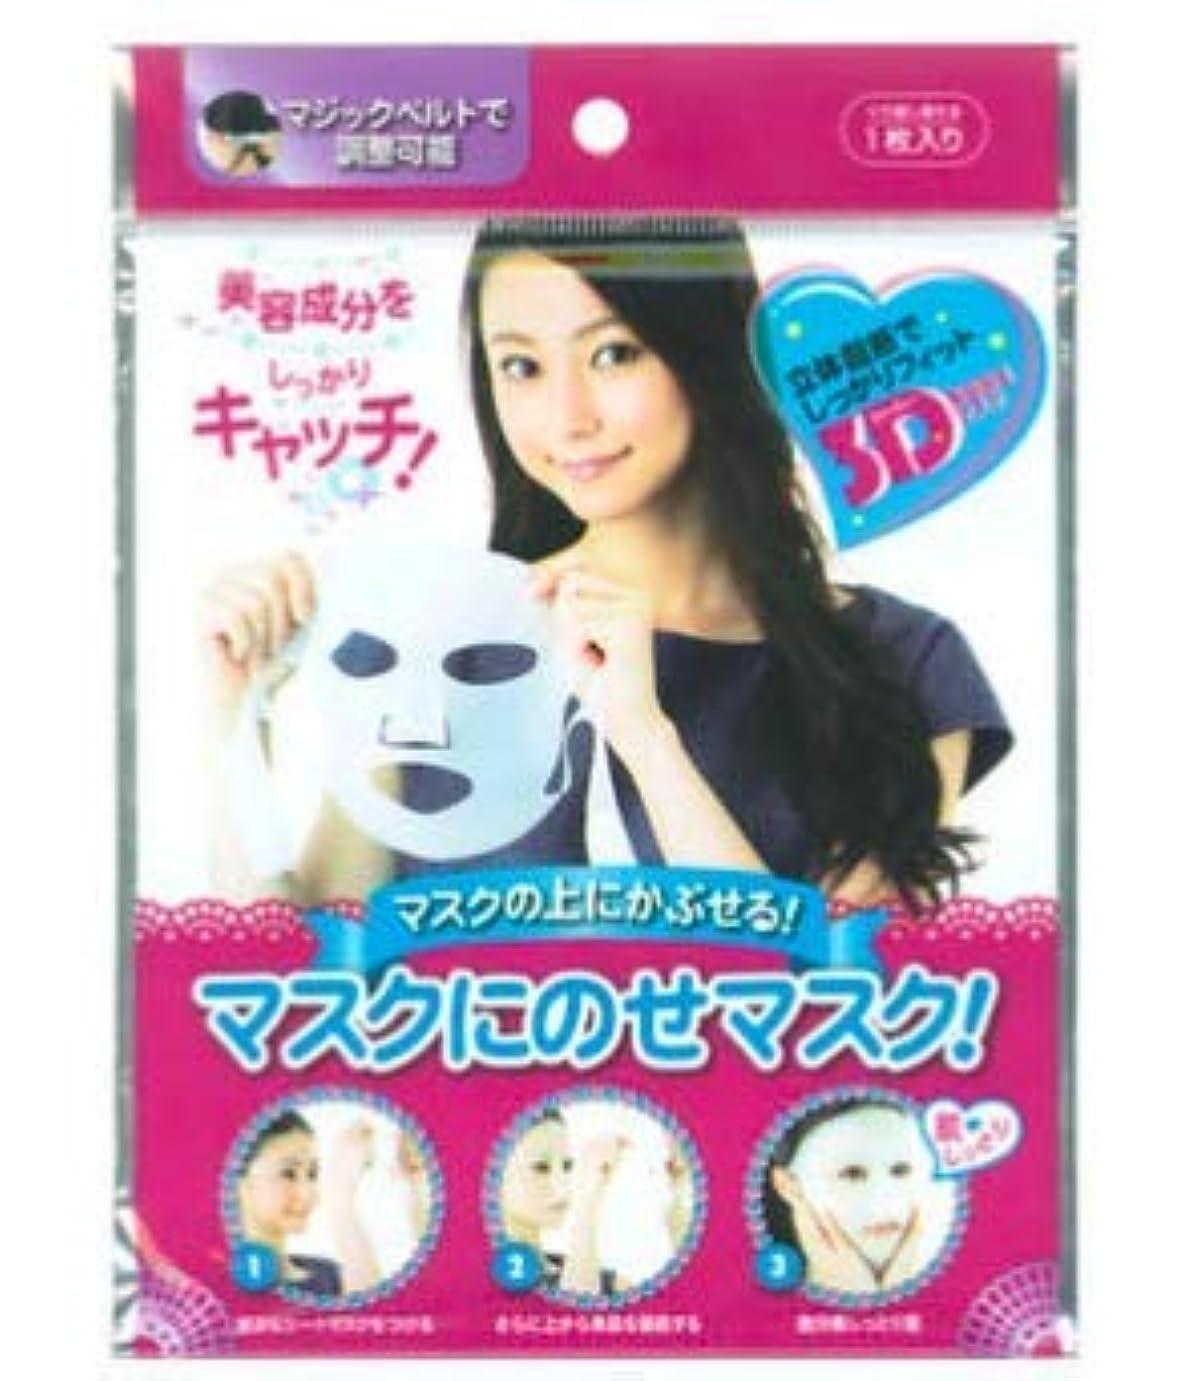 不十分なスキャンダルシャックルコスメット マスクにのせマスク!